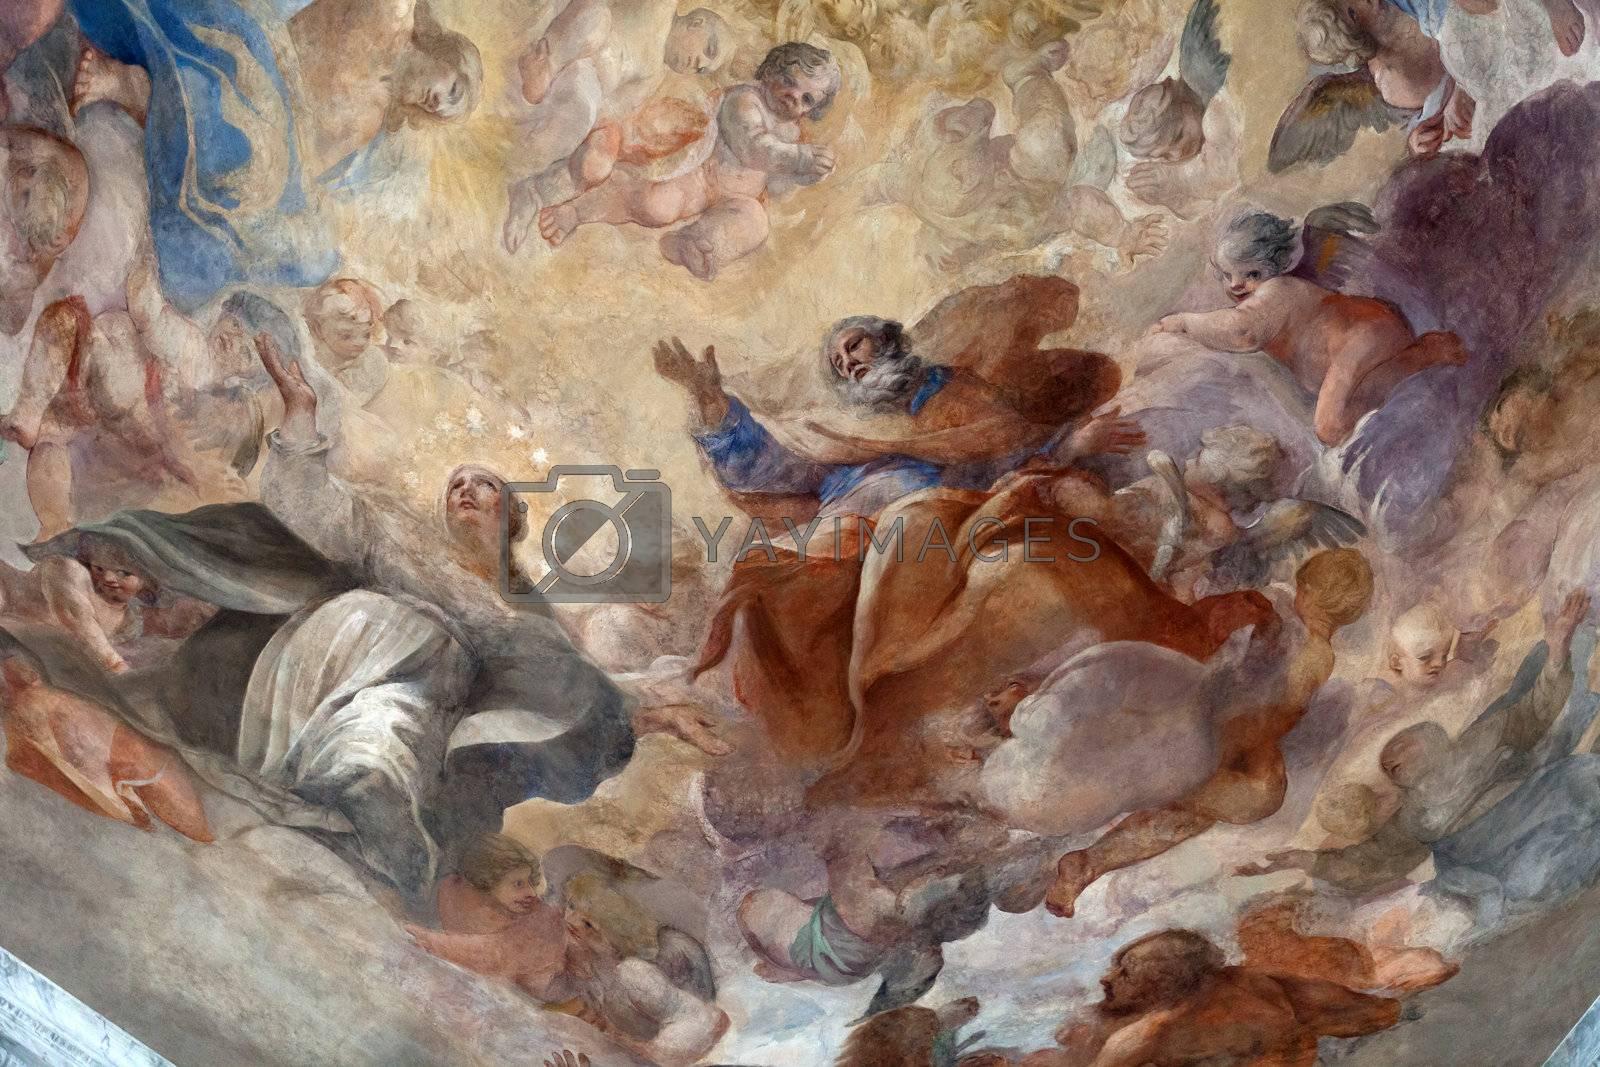 Rome - The Church of Santa Maria del Popolo